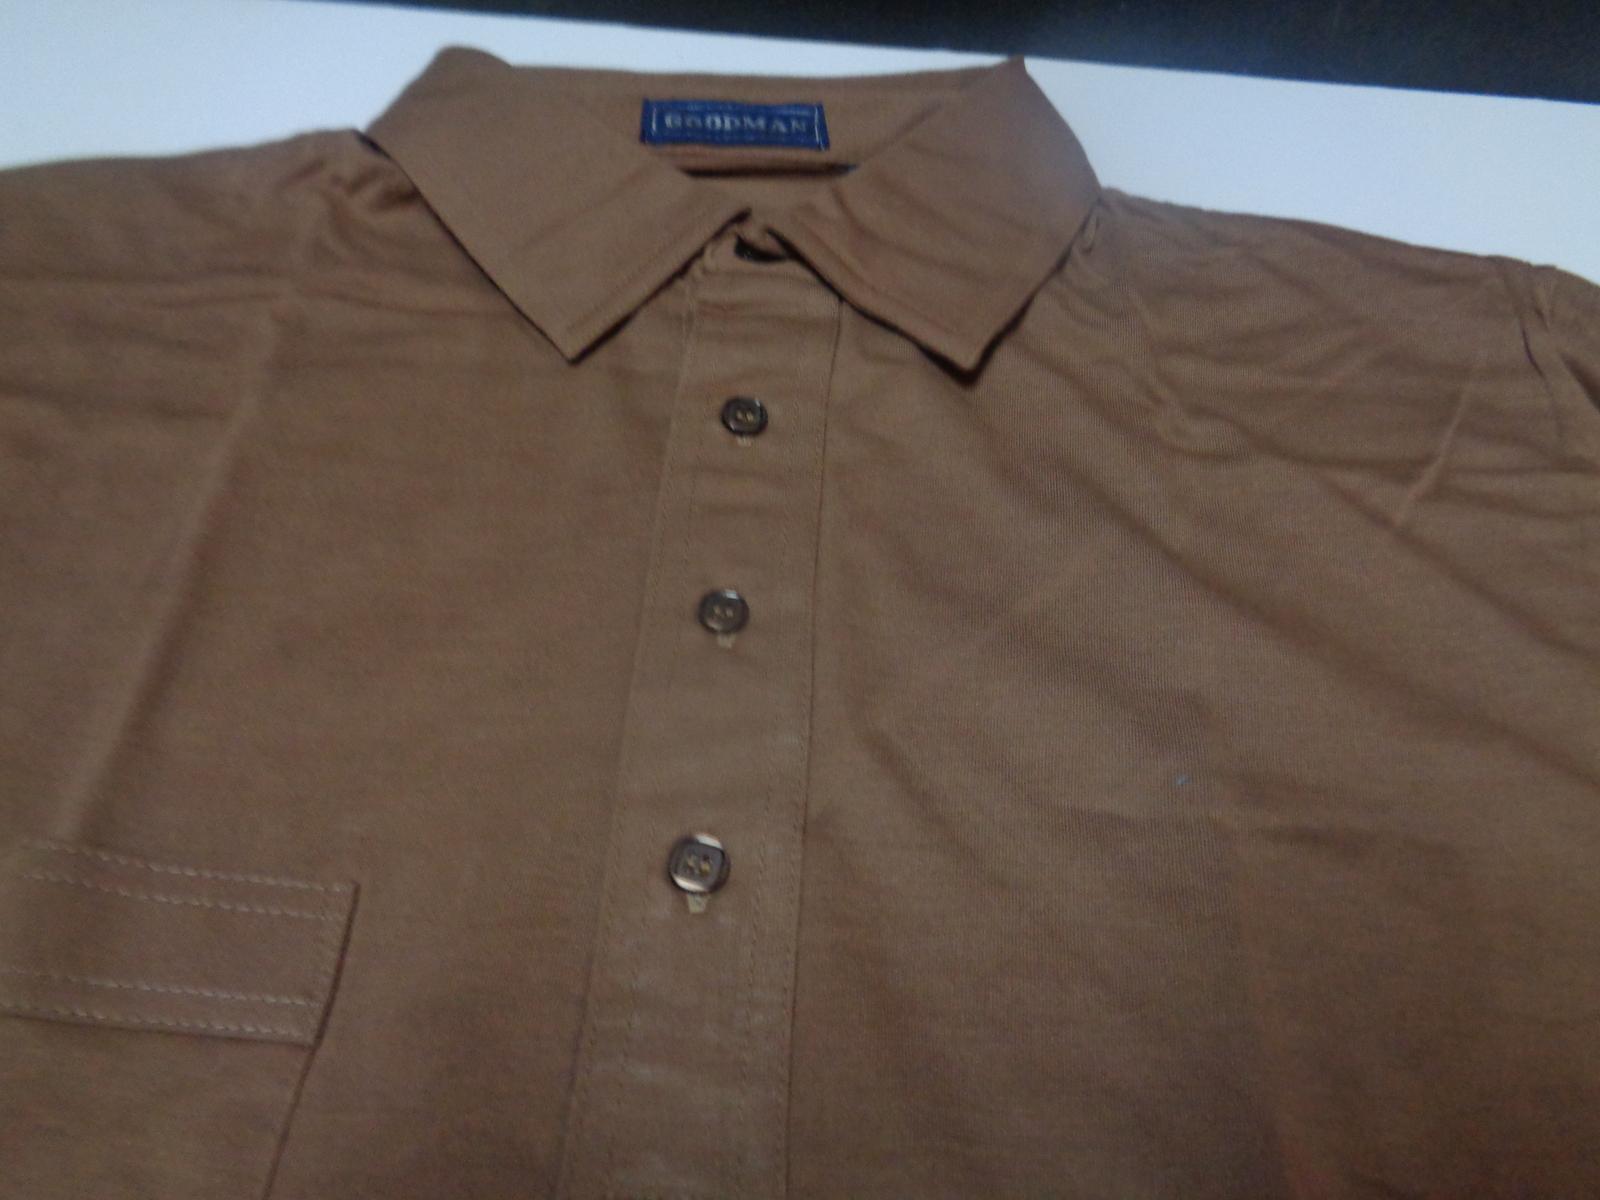 Men's Golf Work Dress Shirt NWT Brown Short Sleeve No Iron Shirt Size M